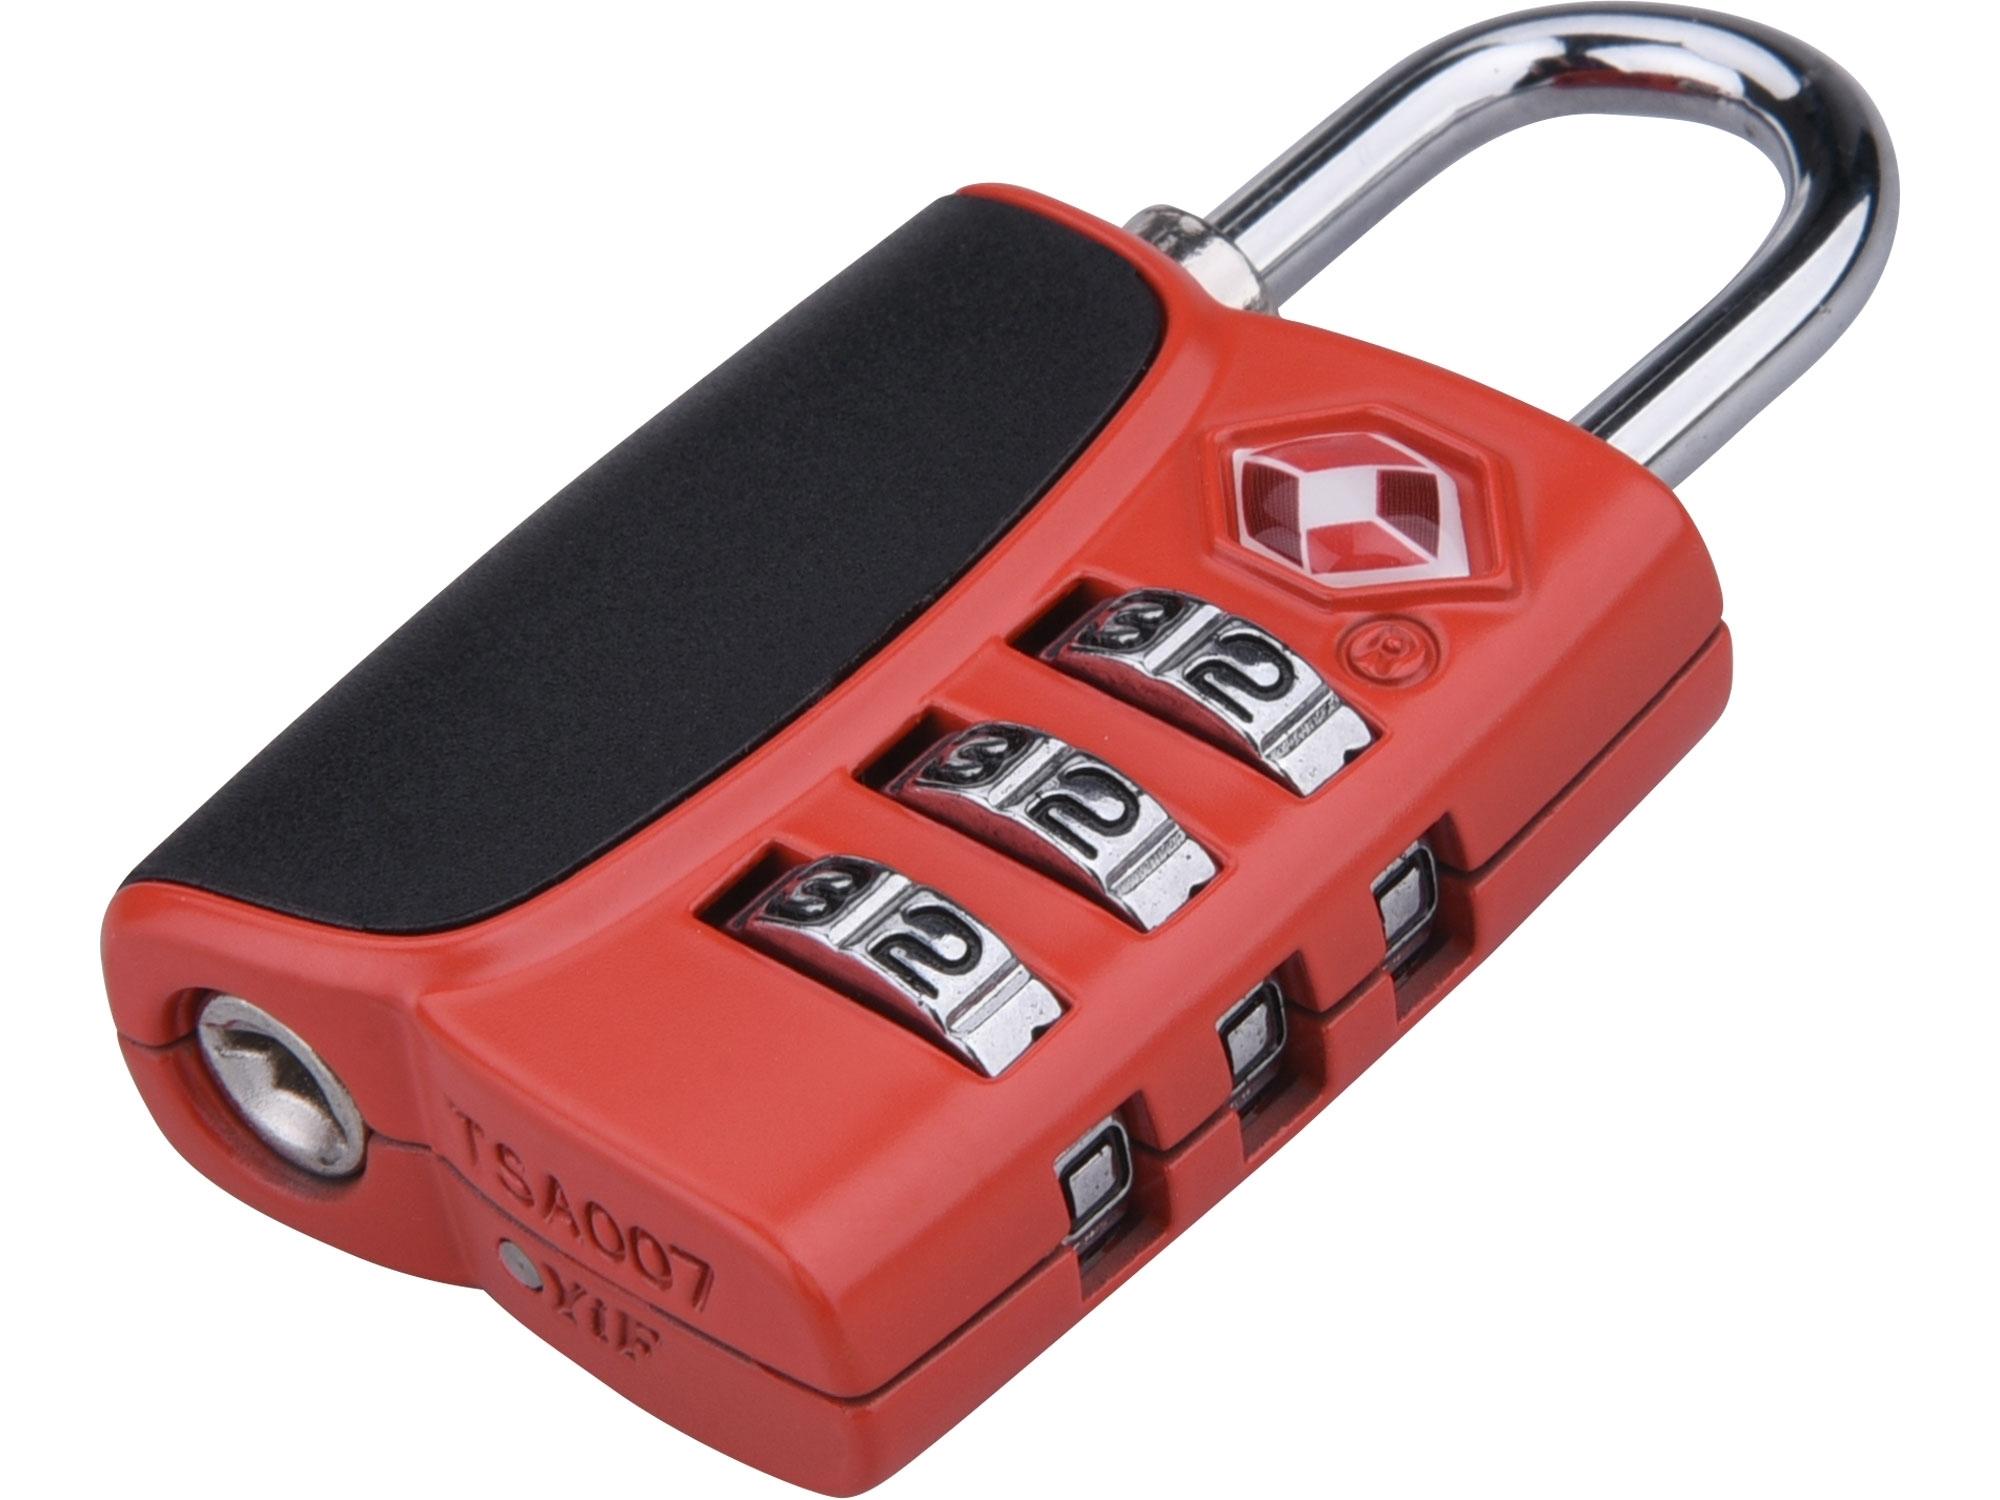 zámek kombinační TSA s trojmístným kódem, 61x32x tl.14mm, EXTOL PREMIUM 8857301